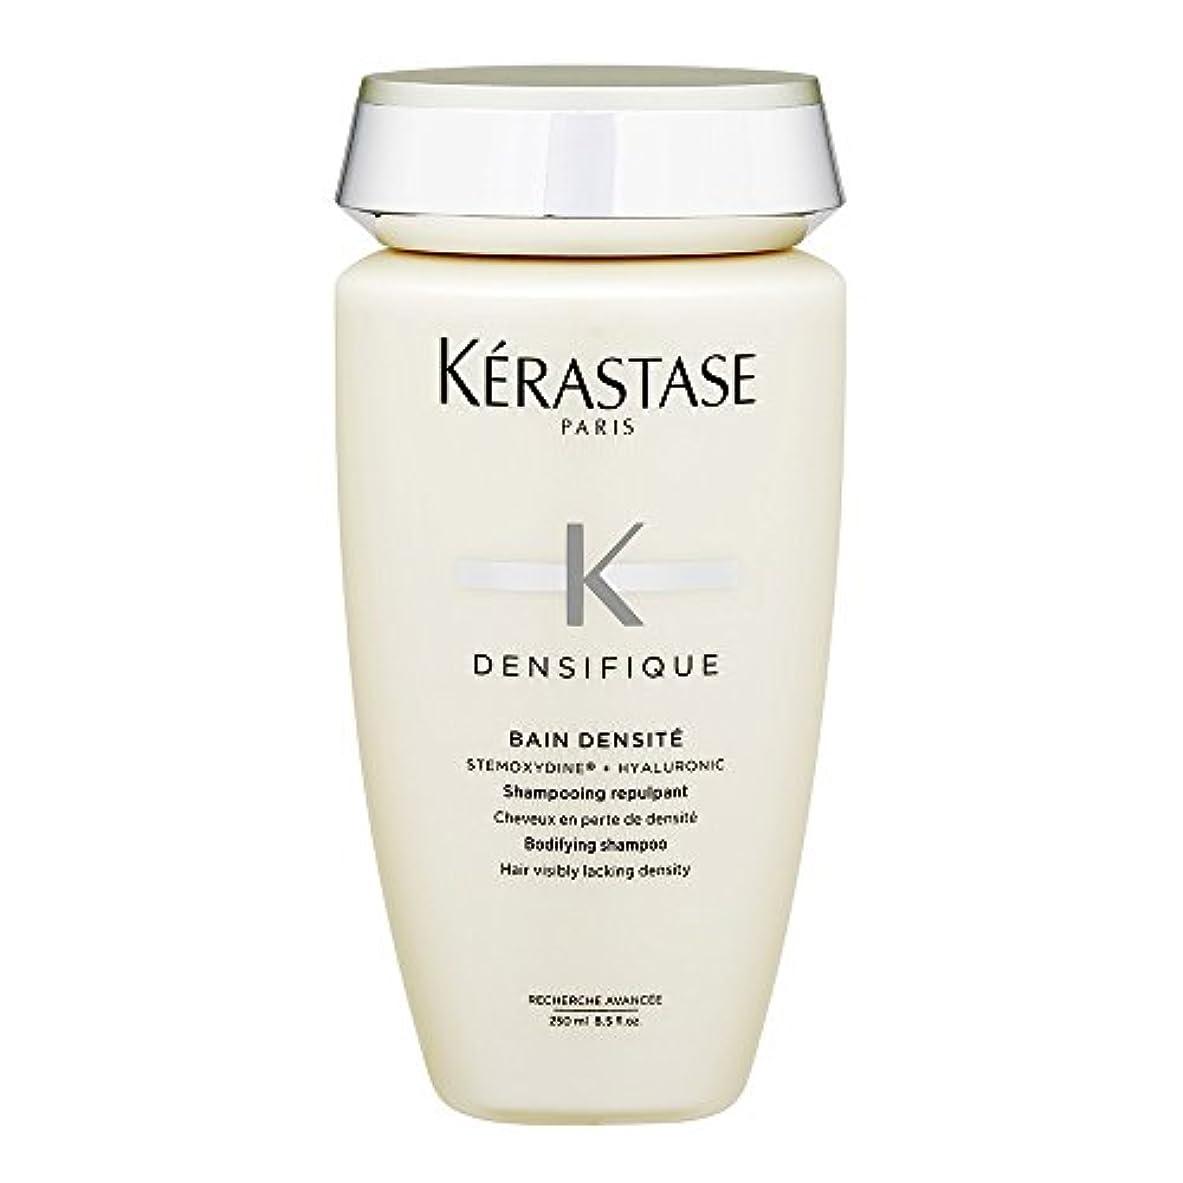 光シェフ可能ケラスターゼ(KERASTASE) DS バン デンシフィック 250ml [並行輸入品]